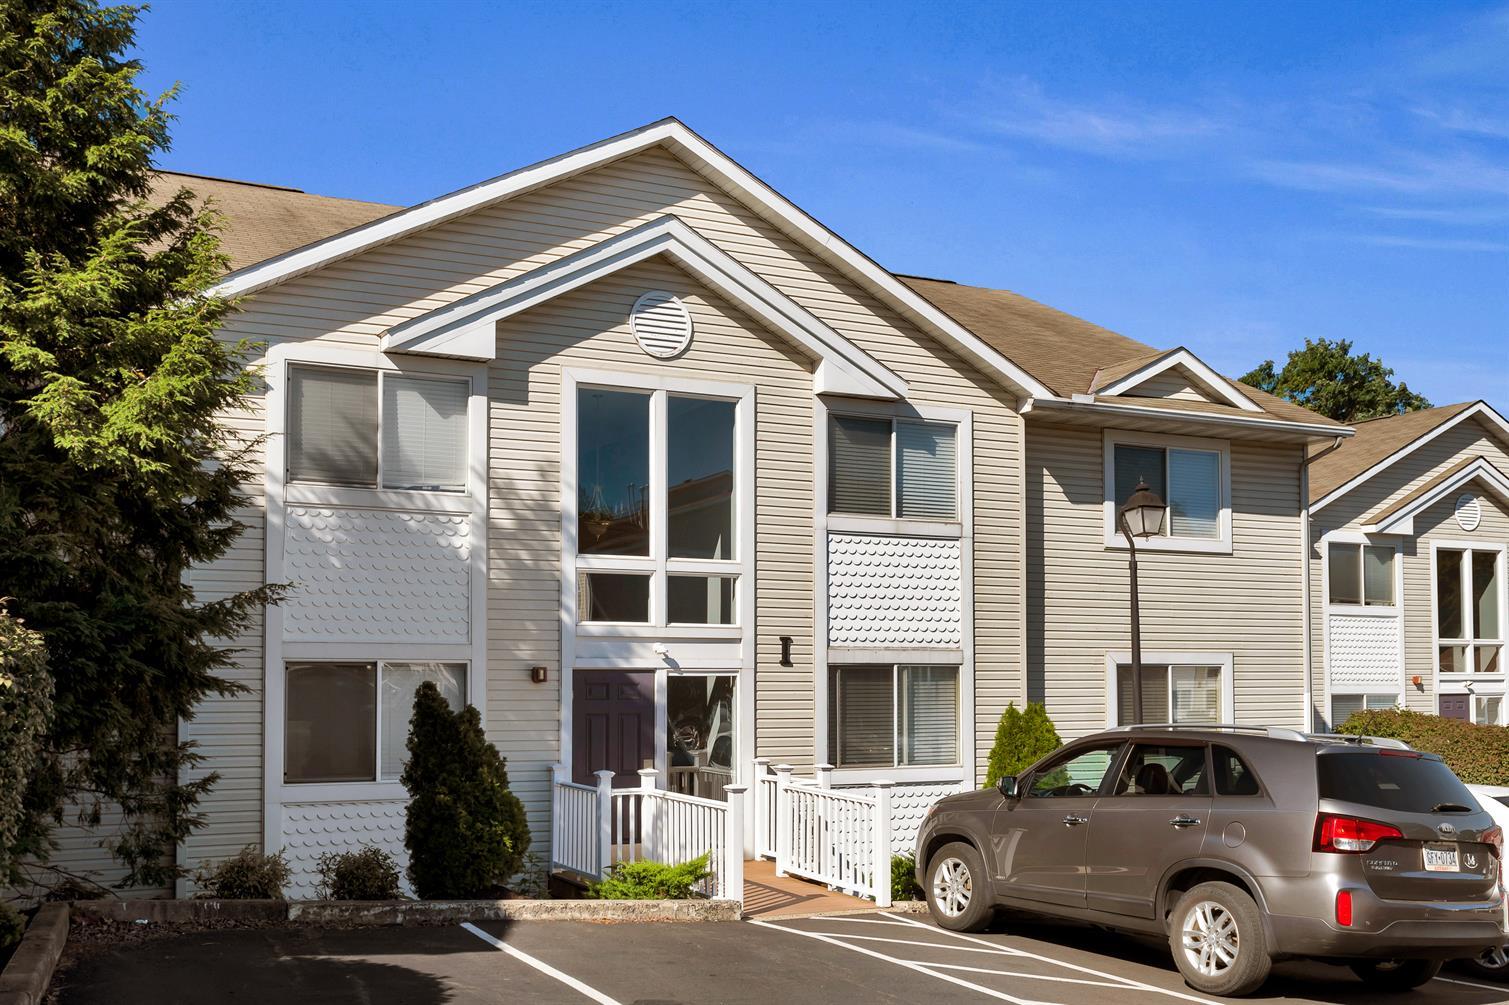 Upland Village Apartments & Condos